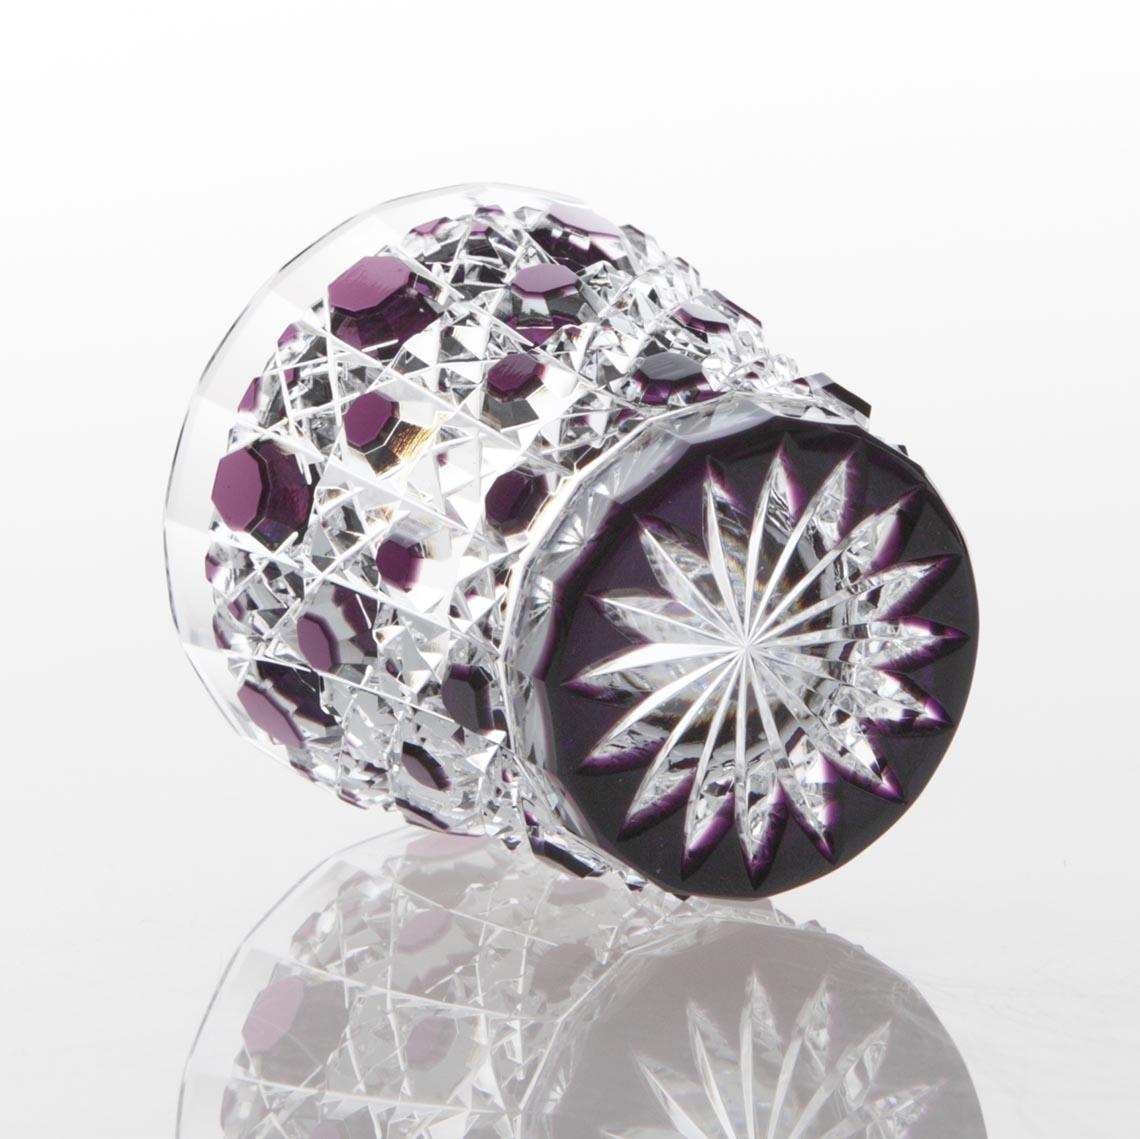 紫被籠目文切立盃 (むらさきぎせ かごめもん きったてはい)